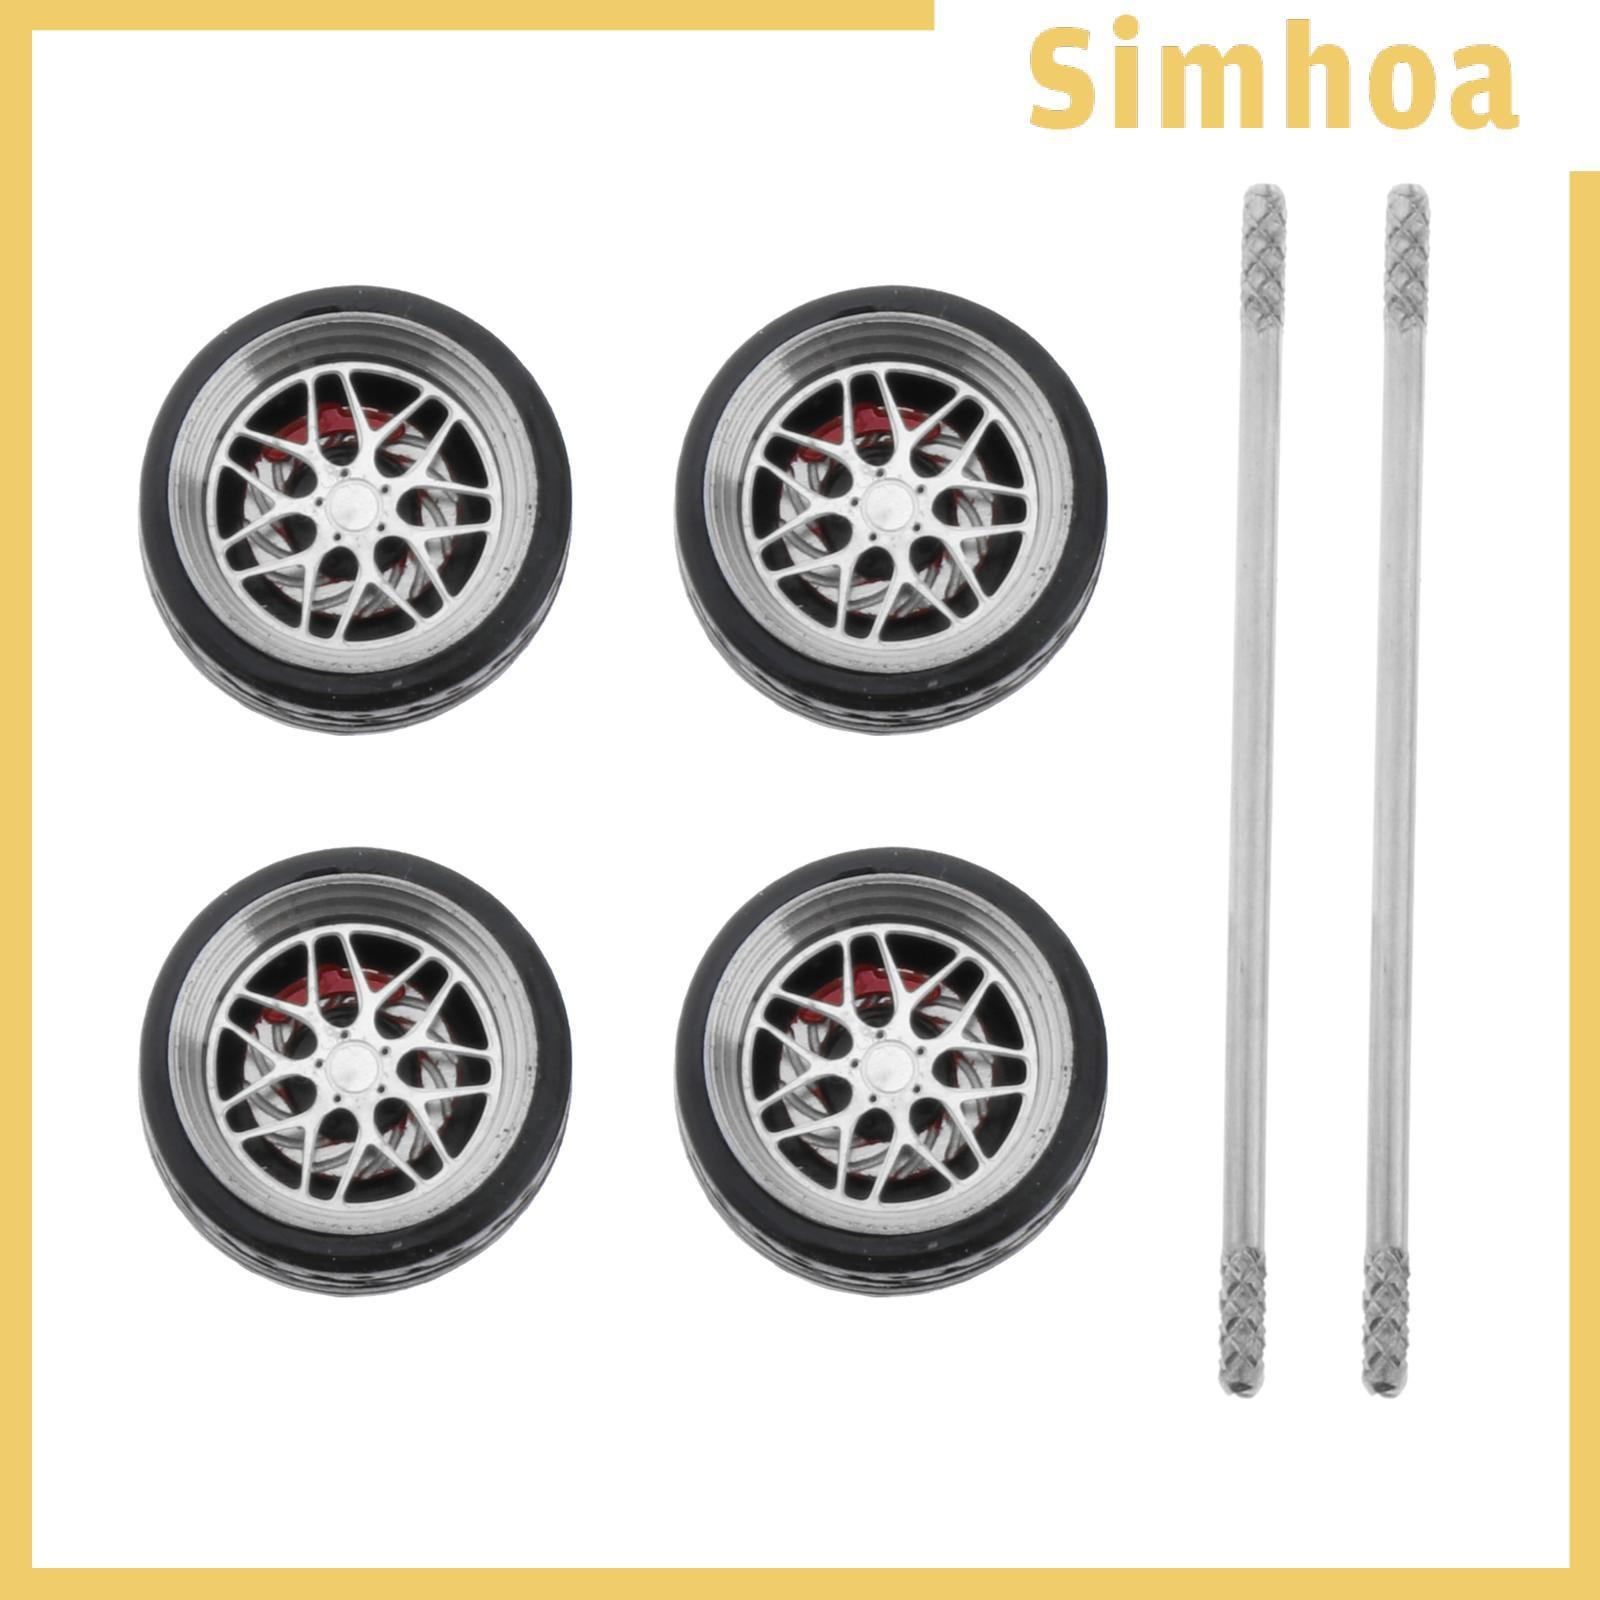 [SIMHOA] 4個/套1/64道路模型汽車車輪和輪胎備件熱輪